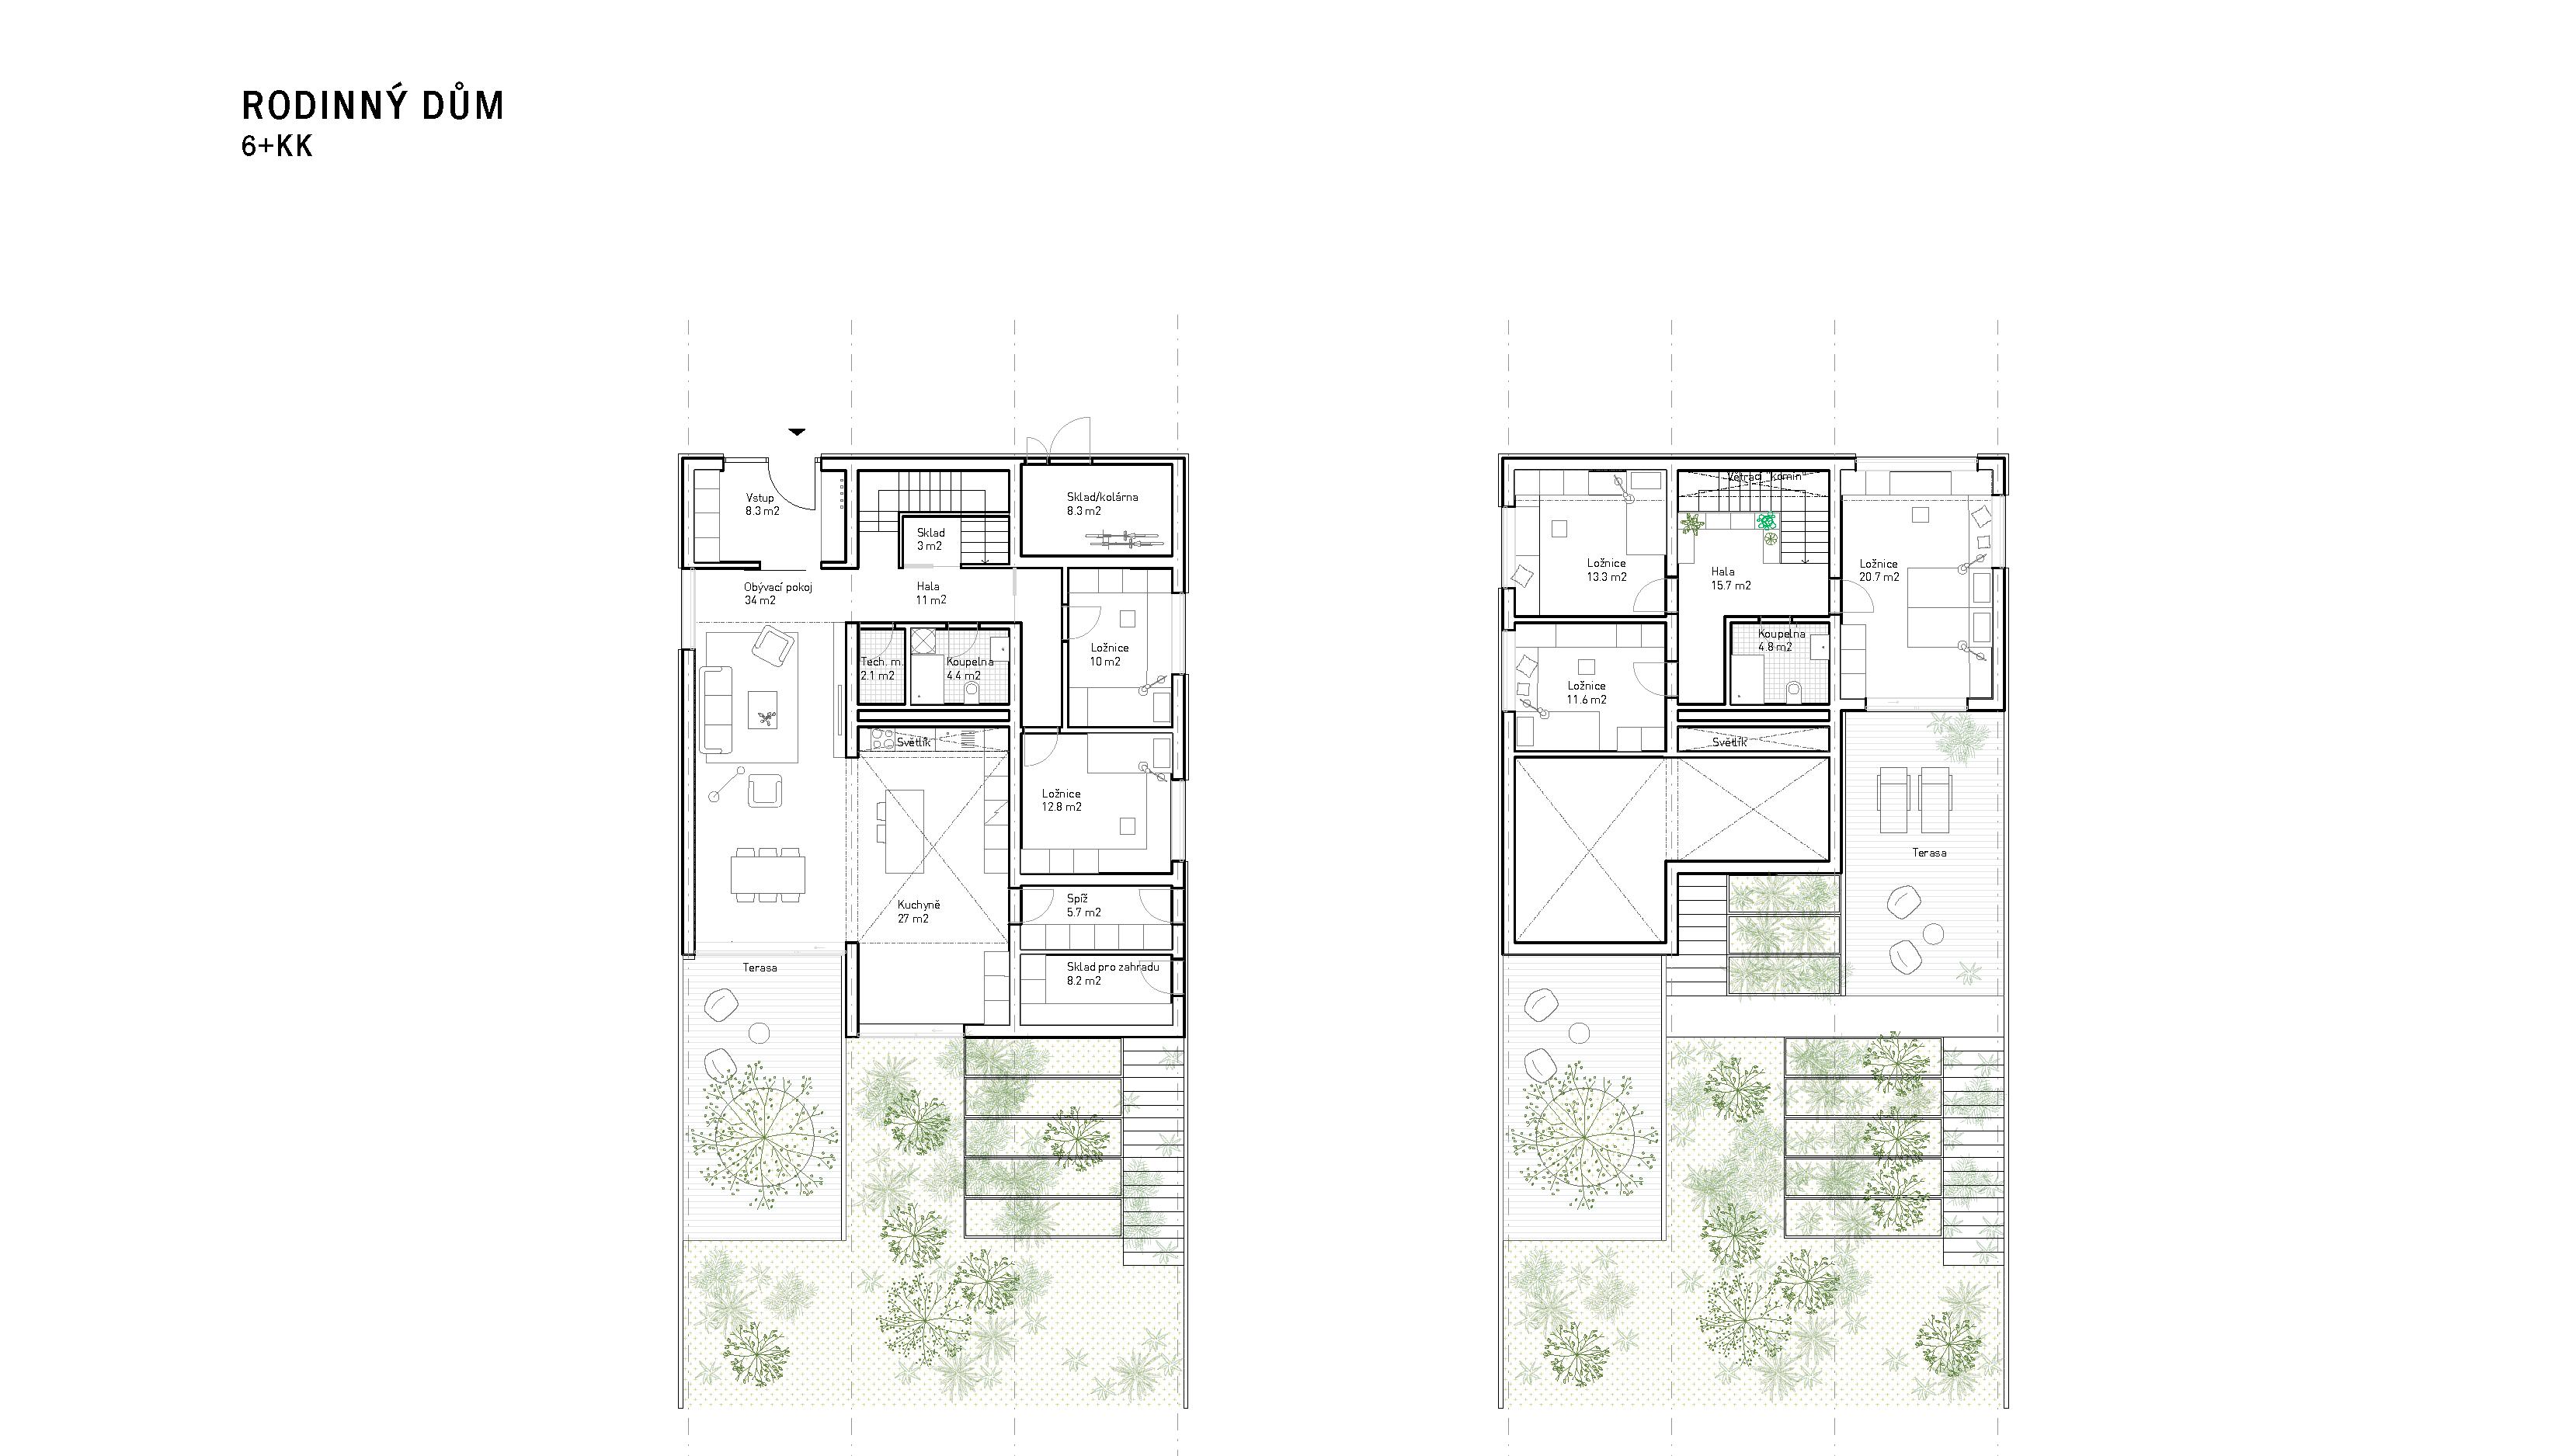 layout_case_0000_200605_Zdrave-domy_chkau_Page_58